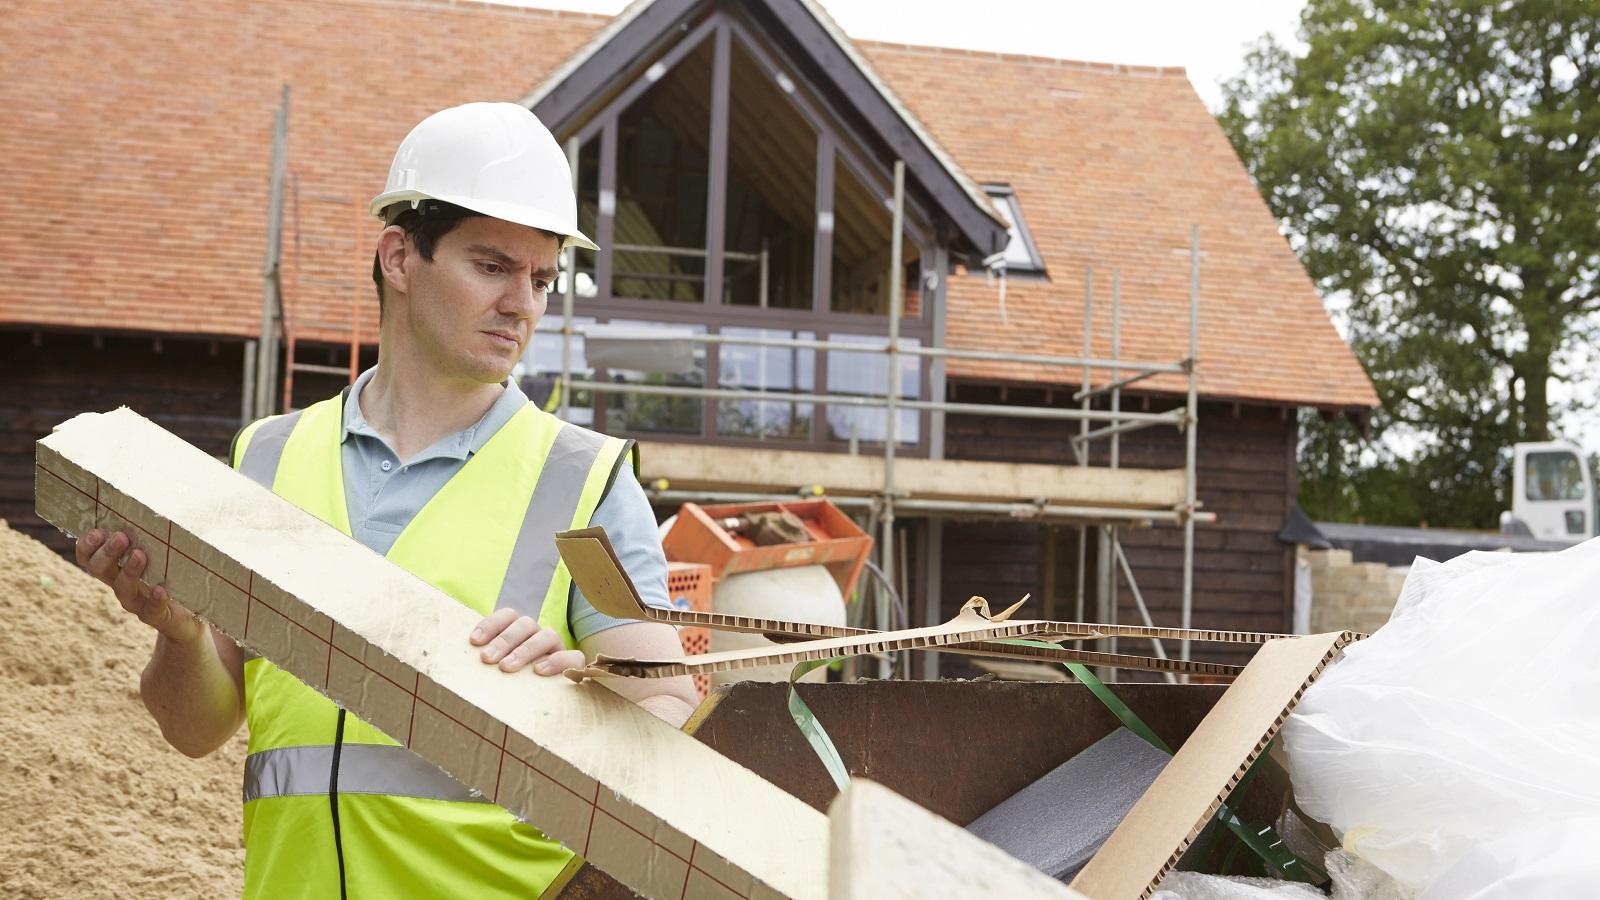 Entulho de obras não pode ser colocado em contentores ou terrenos baldios